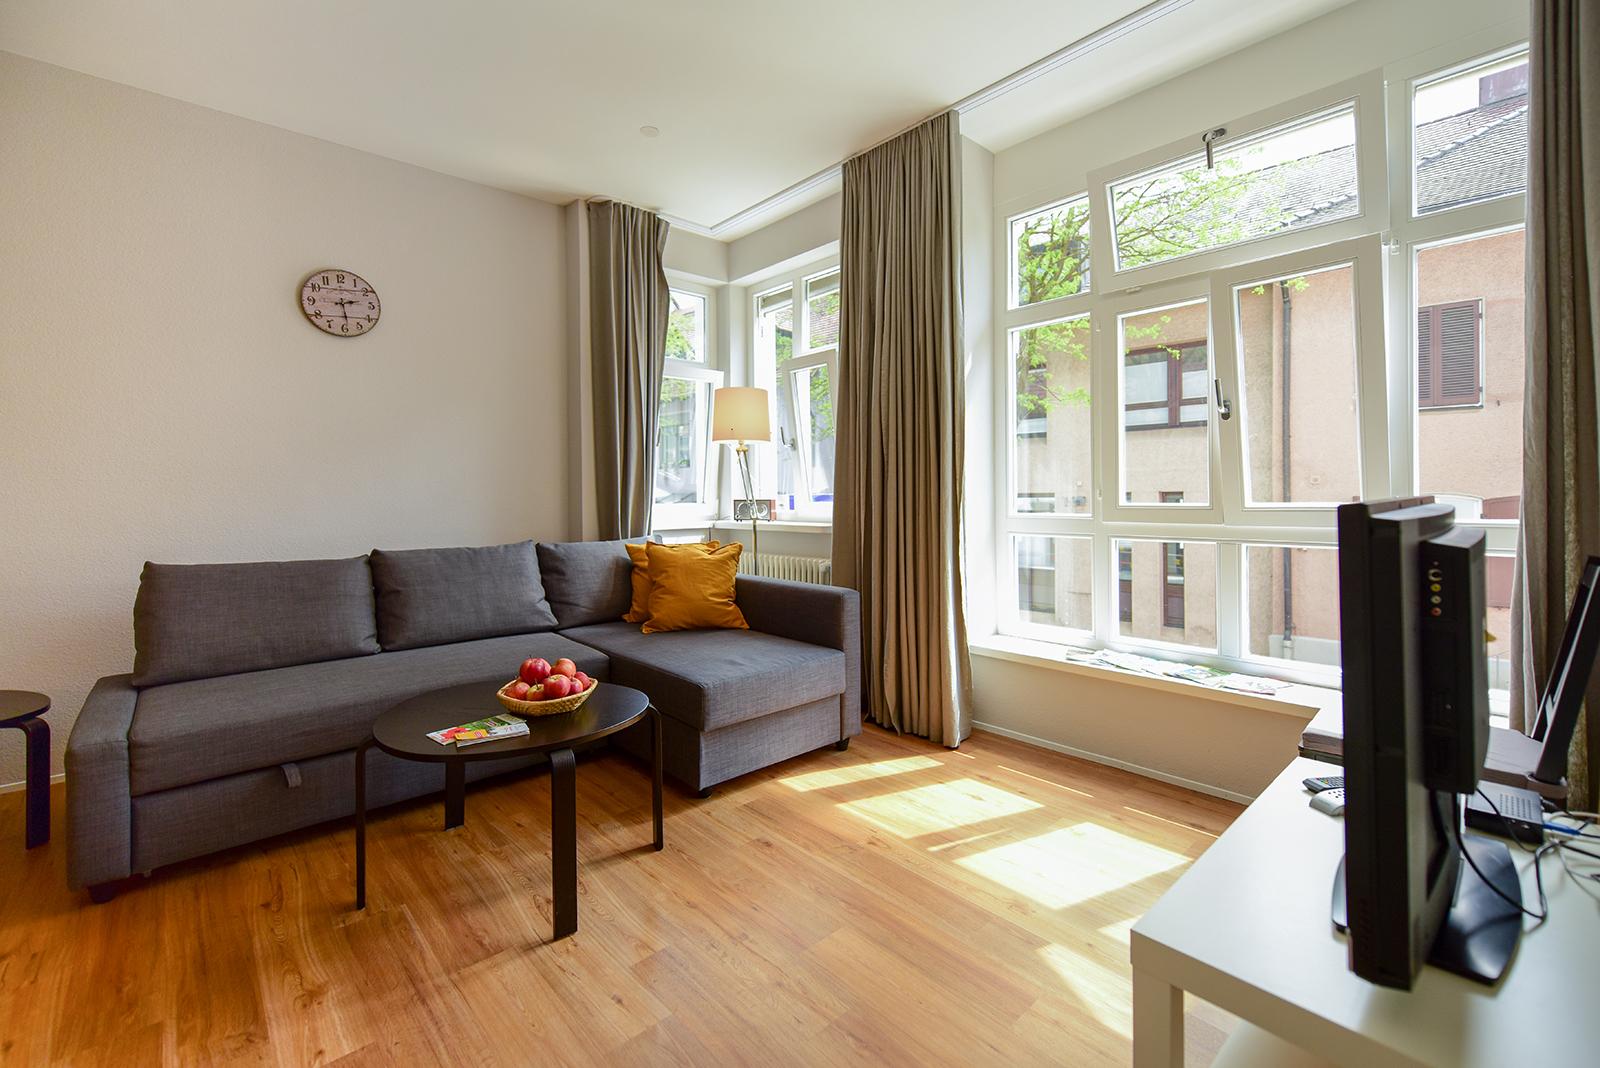 Ferienwohnung am Bodensee: City Appartement 2 - Wohnzimmer